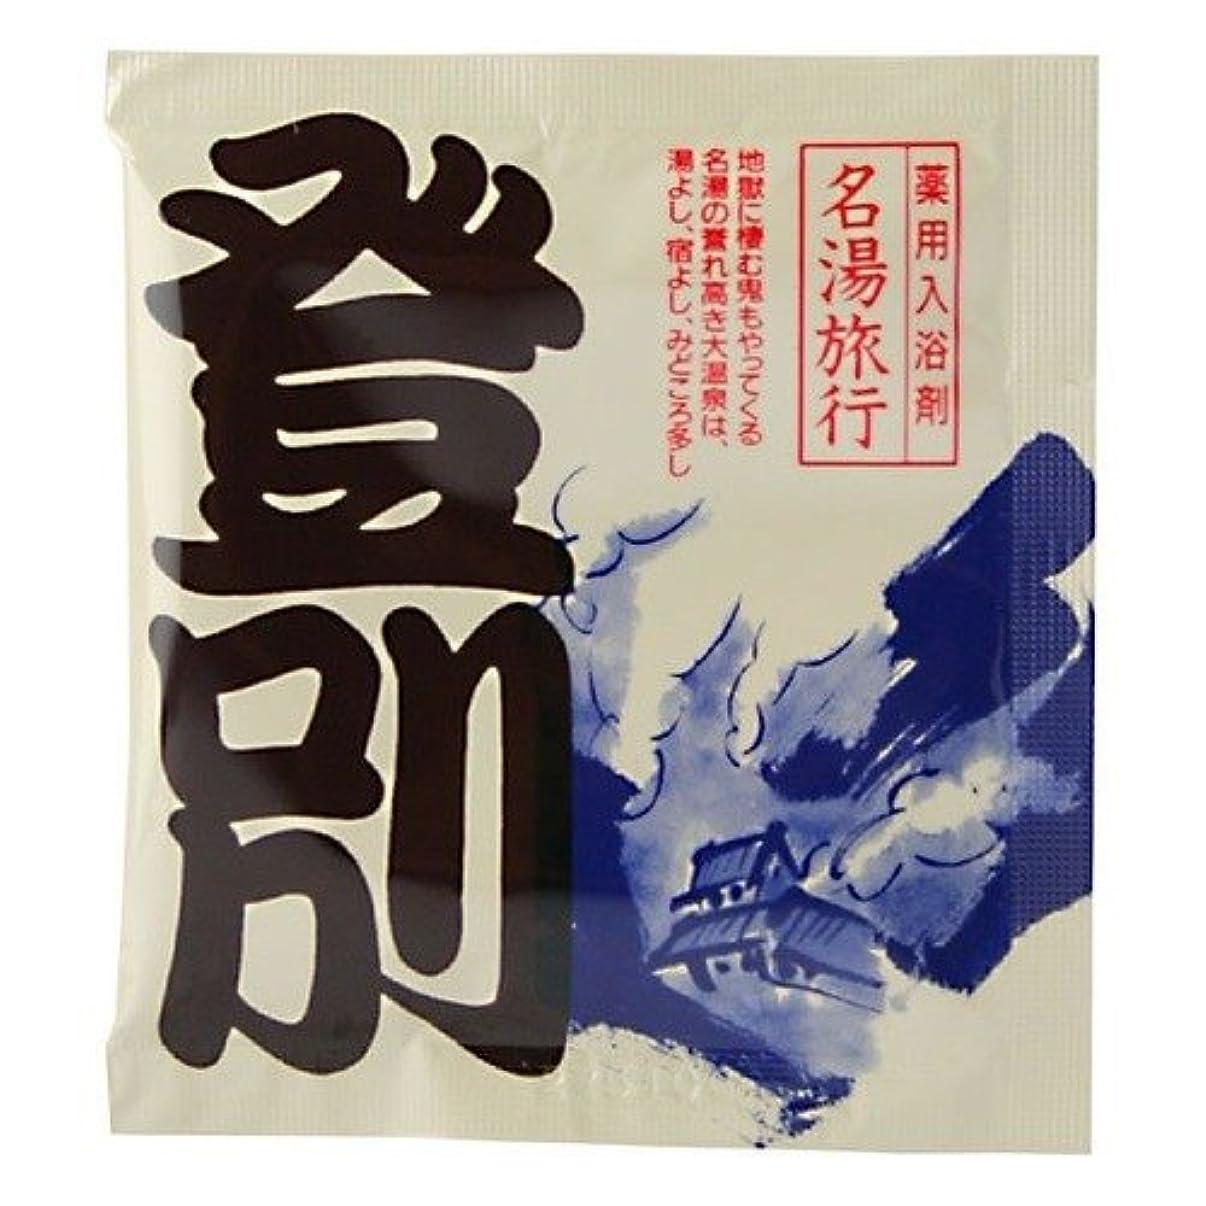 アミューズメント争い部五洲薬品 名湯旅行 登別 25g 4987332126720